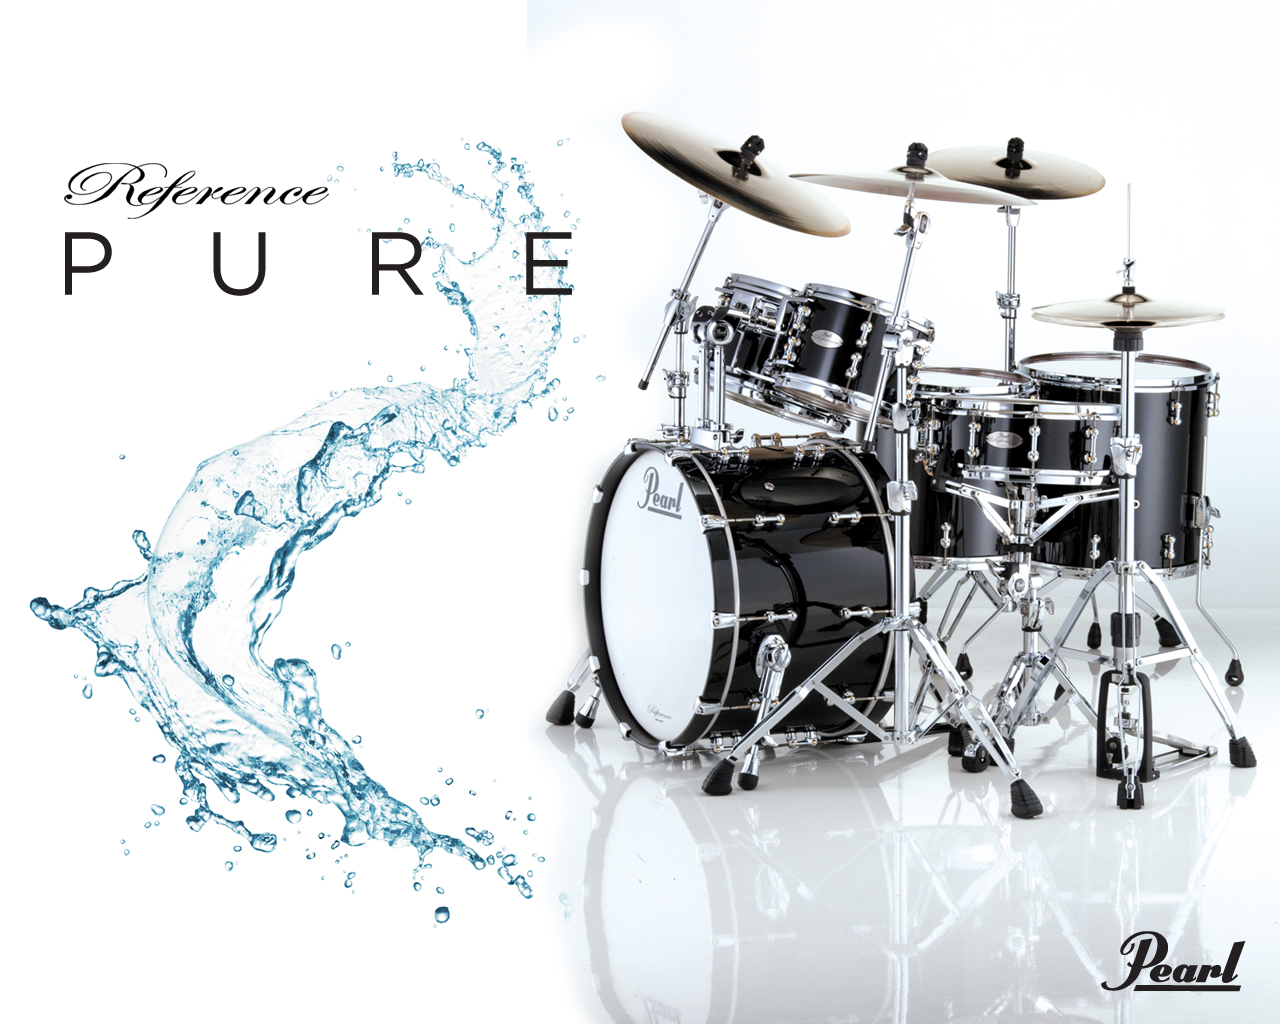 Desktop Wallpapers Pearl Drums 1280x1024